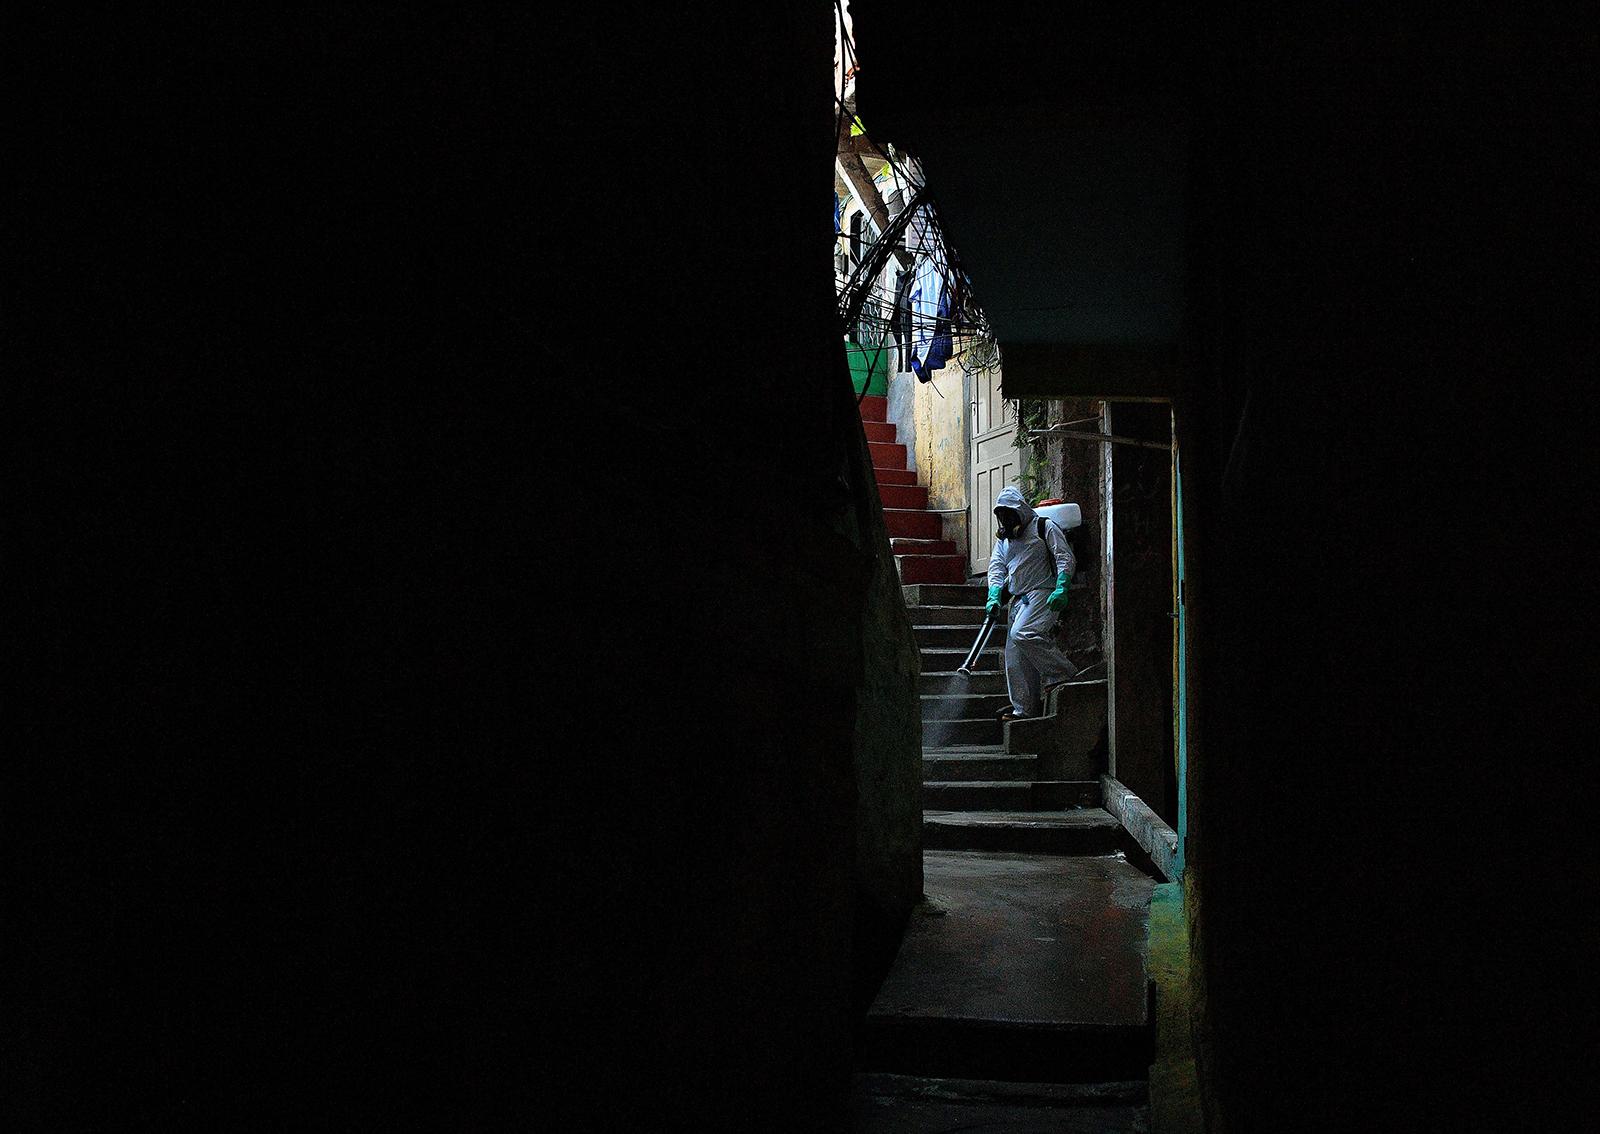 Tình nguyện viên phun thuốc khử trung tại Santa Marta Favela, Rio de Janeiro ngày 1-8-2020. Ảnh: AFP/Getty Images